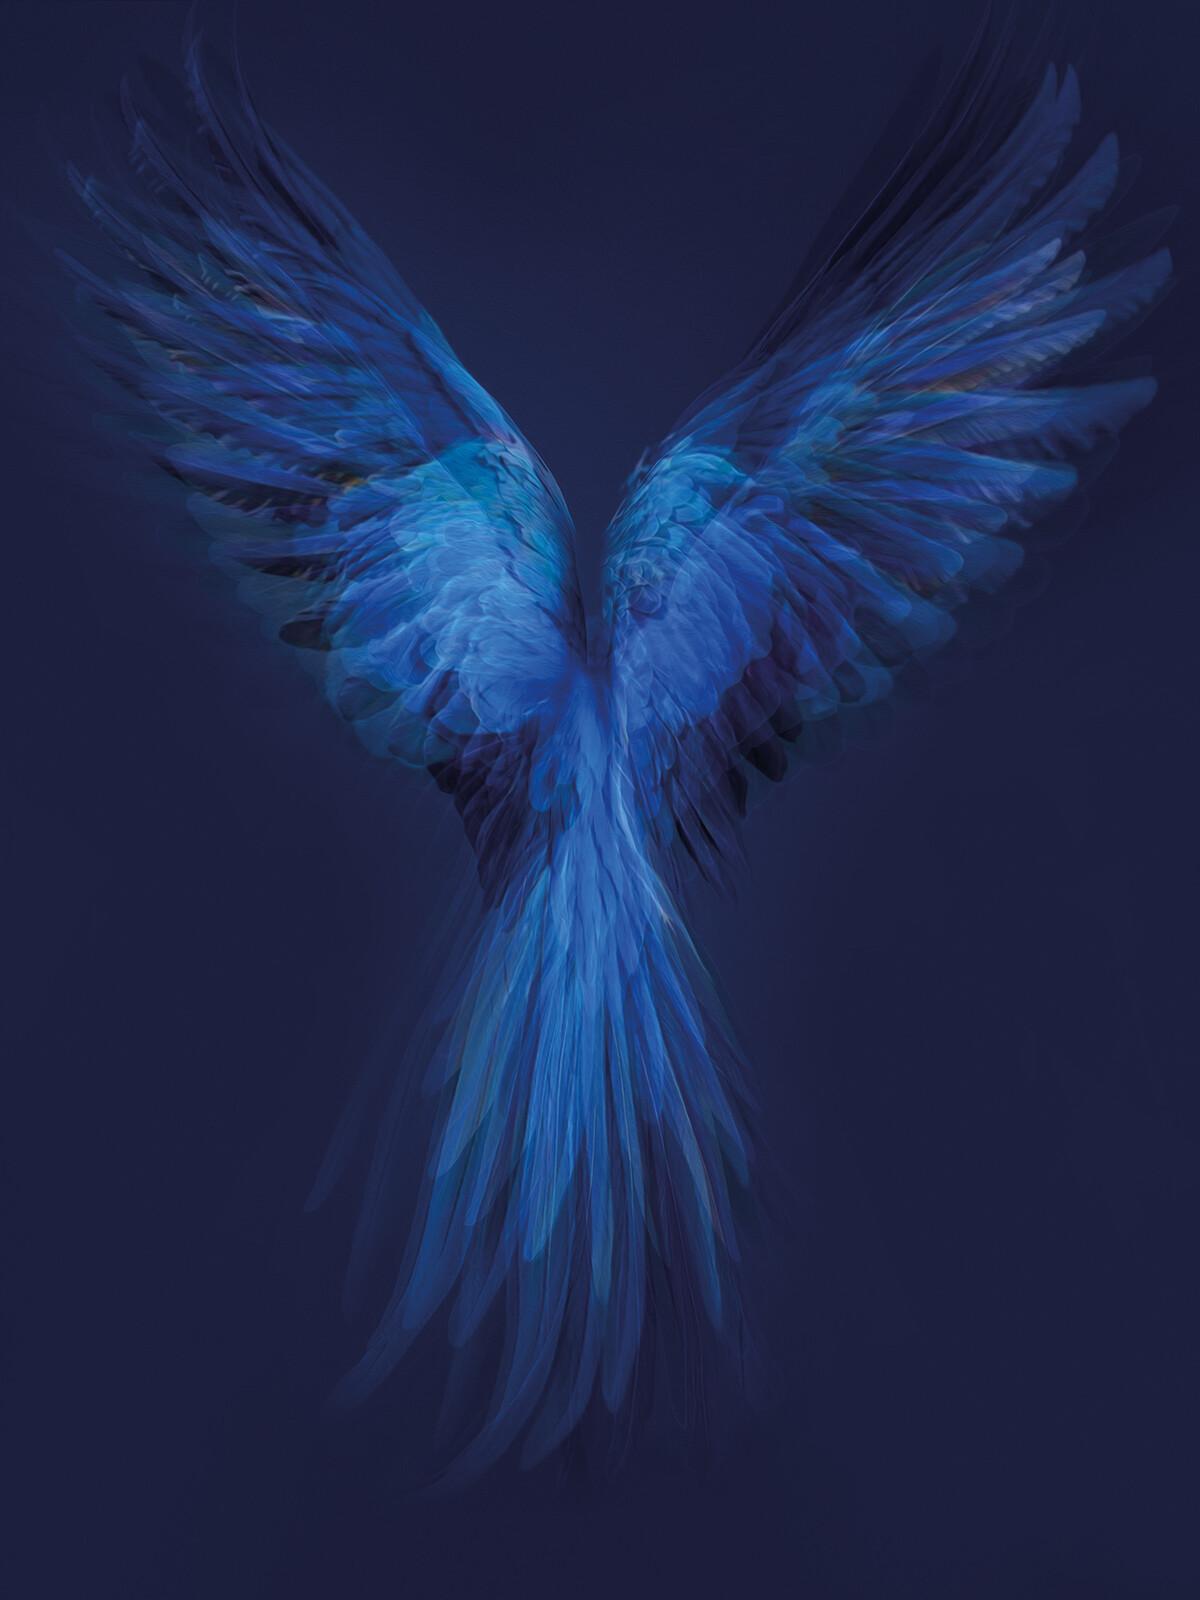 Hyacinth Macaw - Juan Fortes